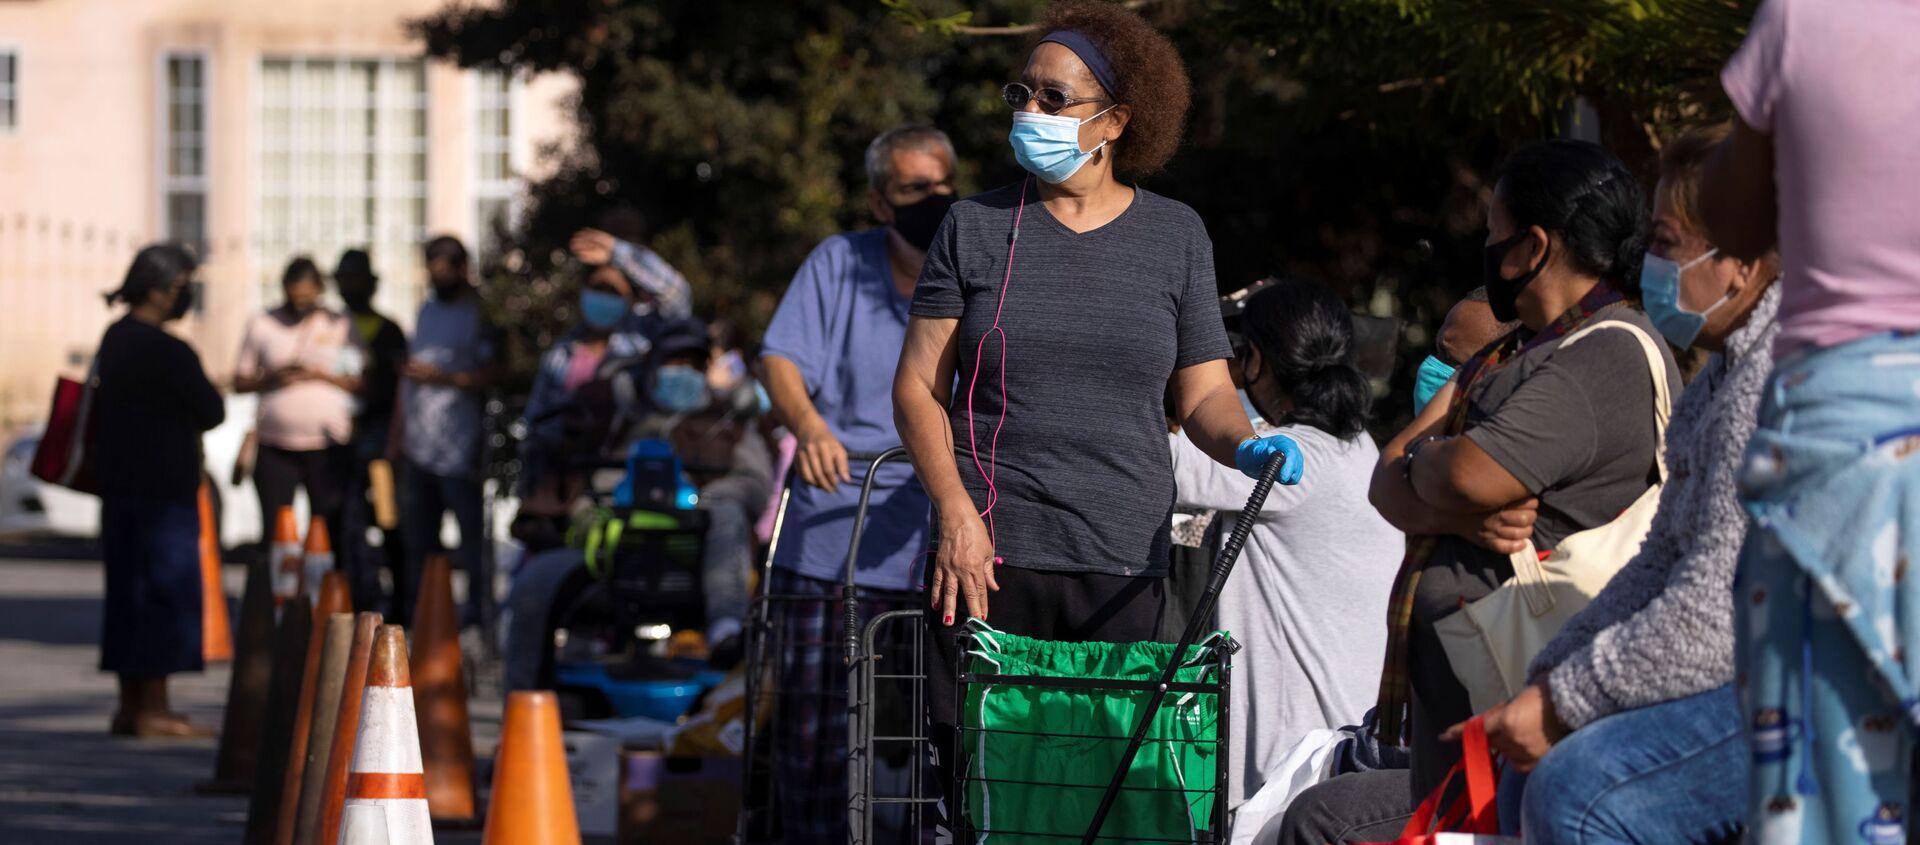 Mọi người xếp hàng chờ thực phẩm do Ngân hàng Lương thực Khu vực Los Angeles phân phát trong đợt bùng phát coronavirus, Los Angeles, California - Sputnik Việt Nam, 1920, 16.12.2020